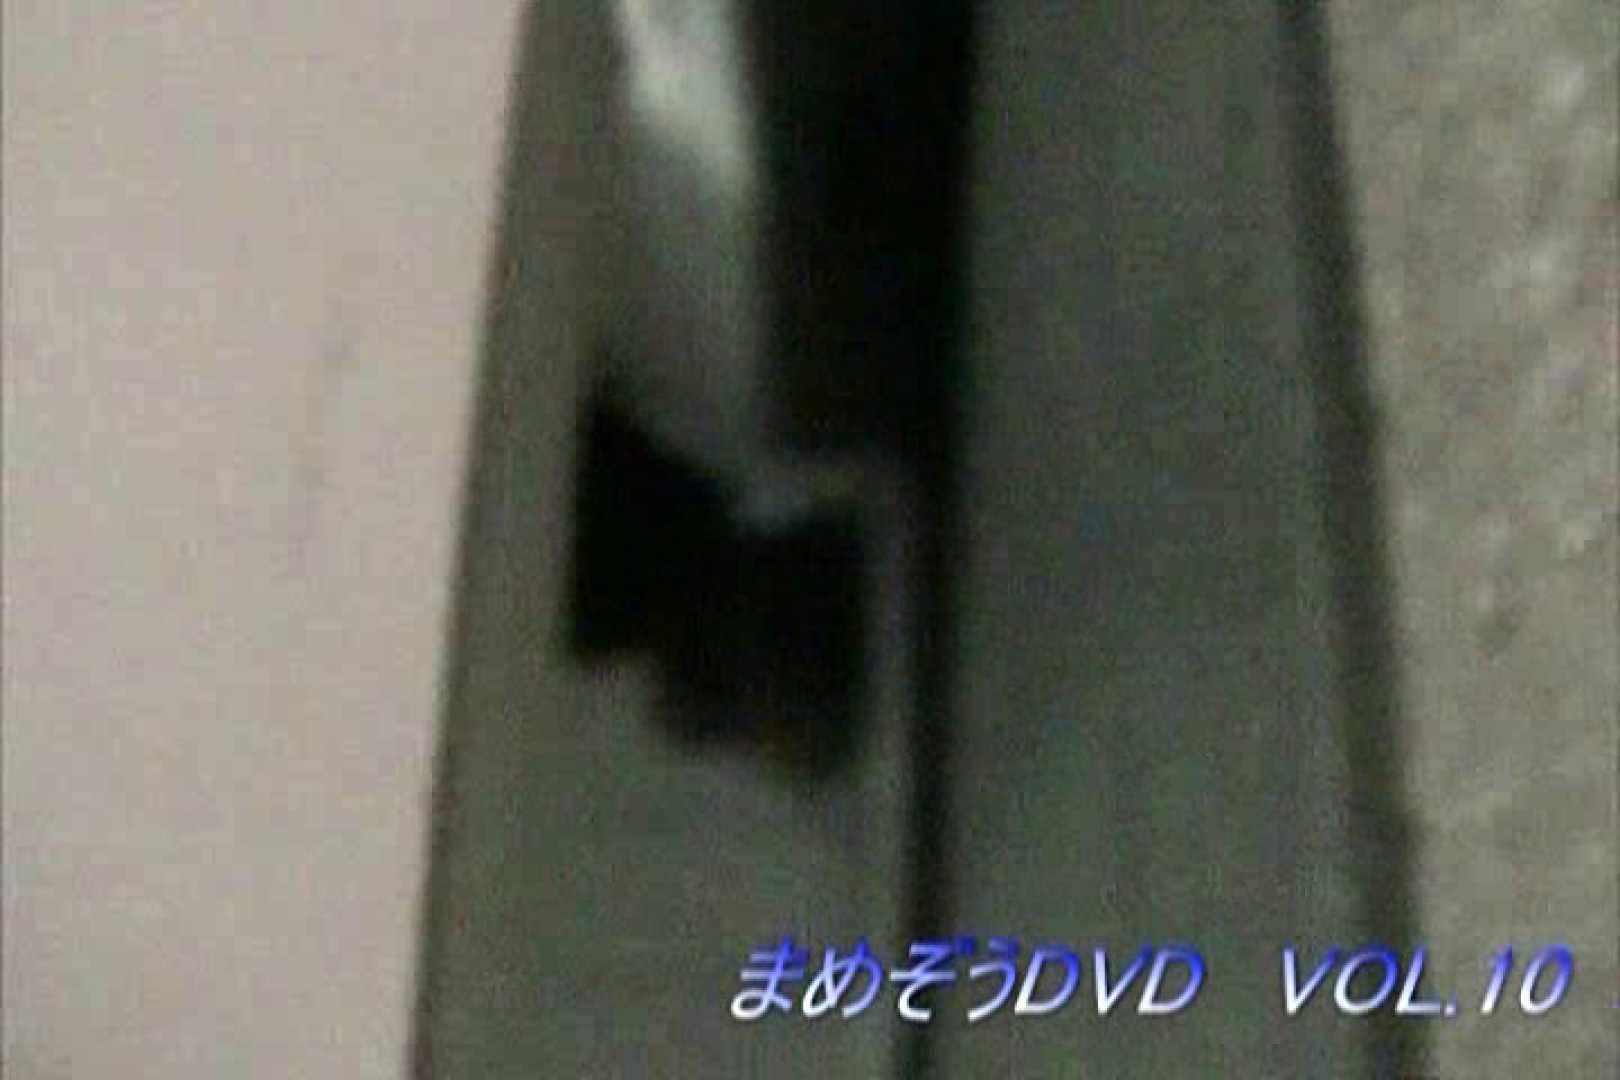 まめぞうDVD完全版VOL.10 ギャル達   洗面所のぞき  106枚 65